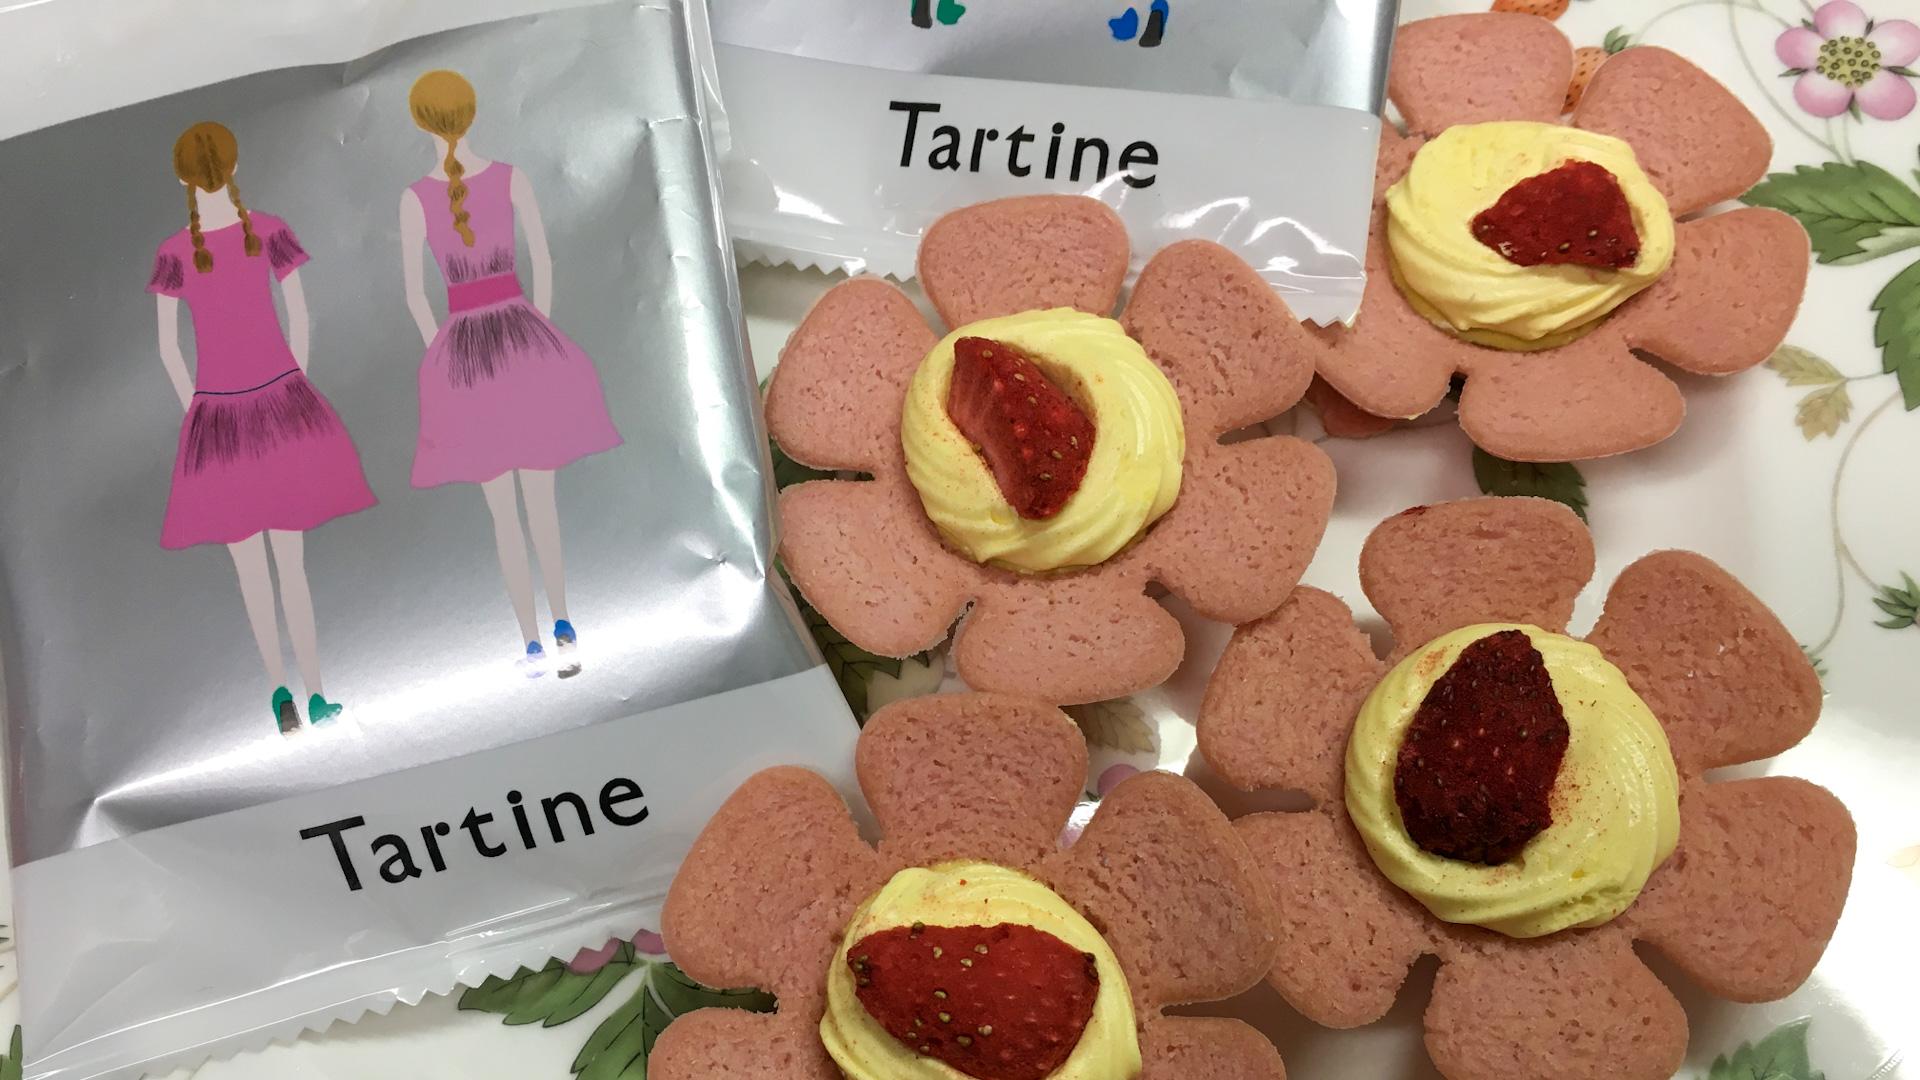 感謝を込めてお菓子の花束を。キュートなTartine「ストロベリータルティン」